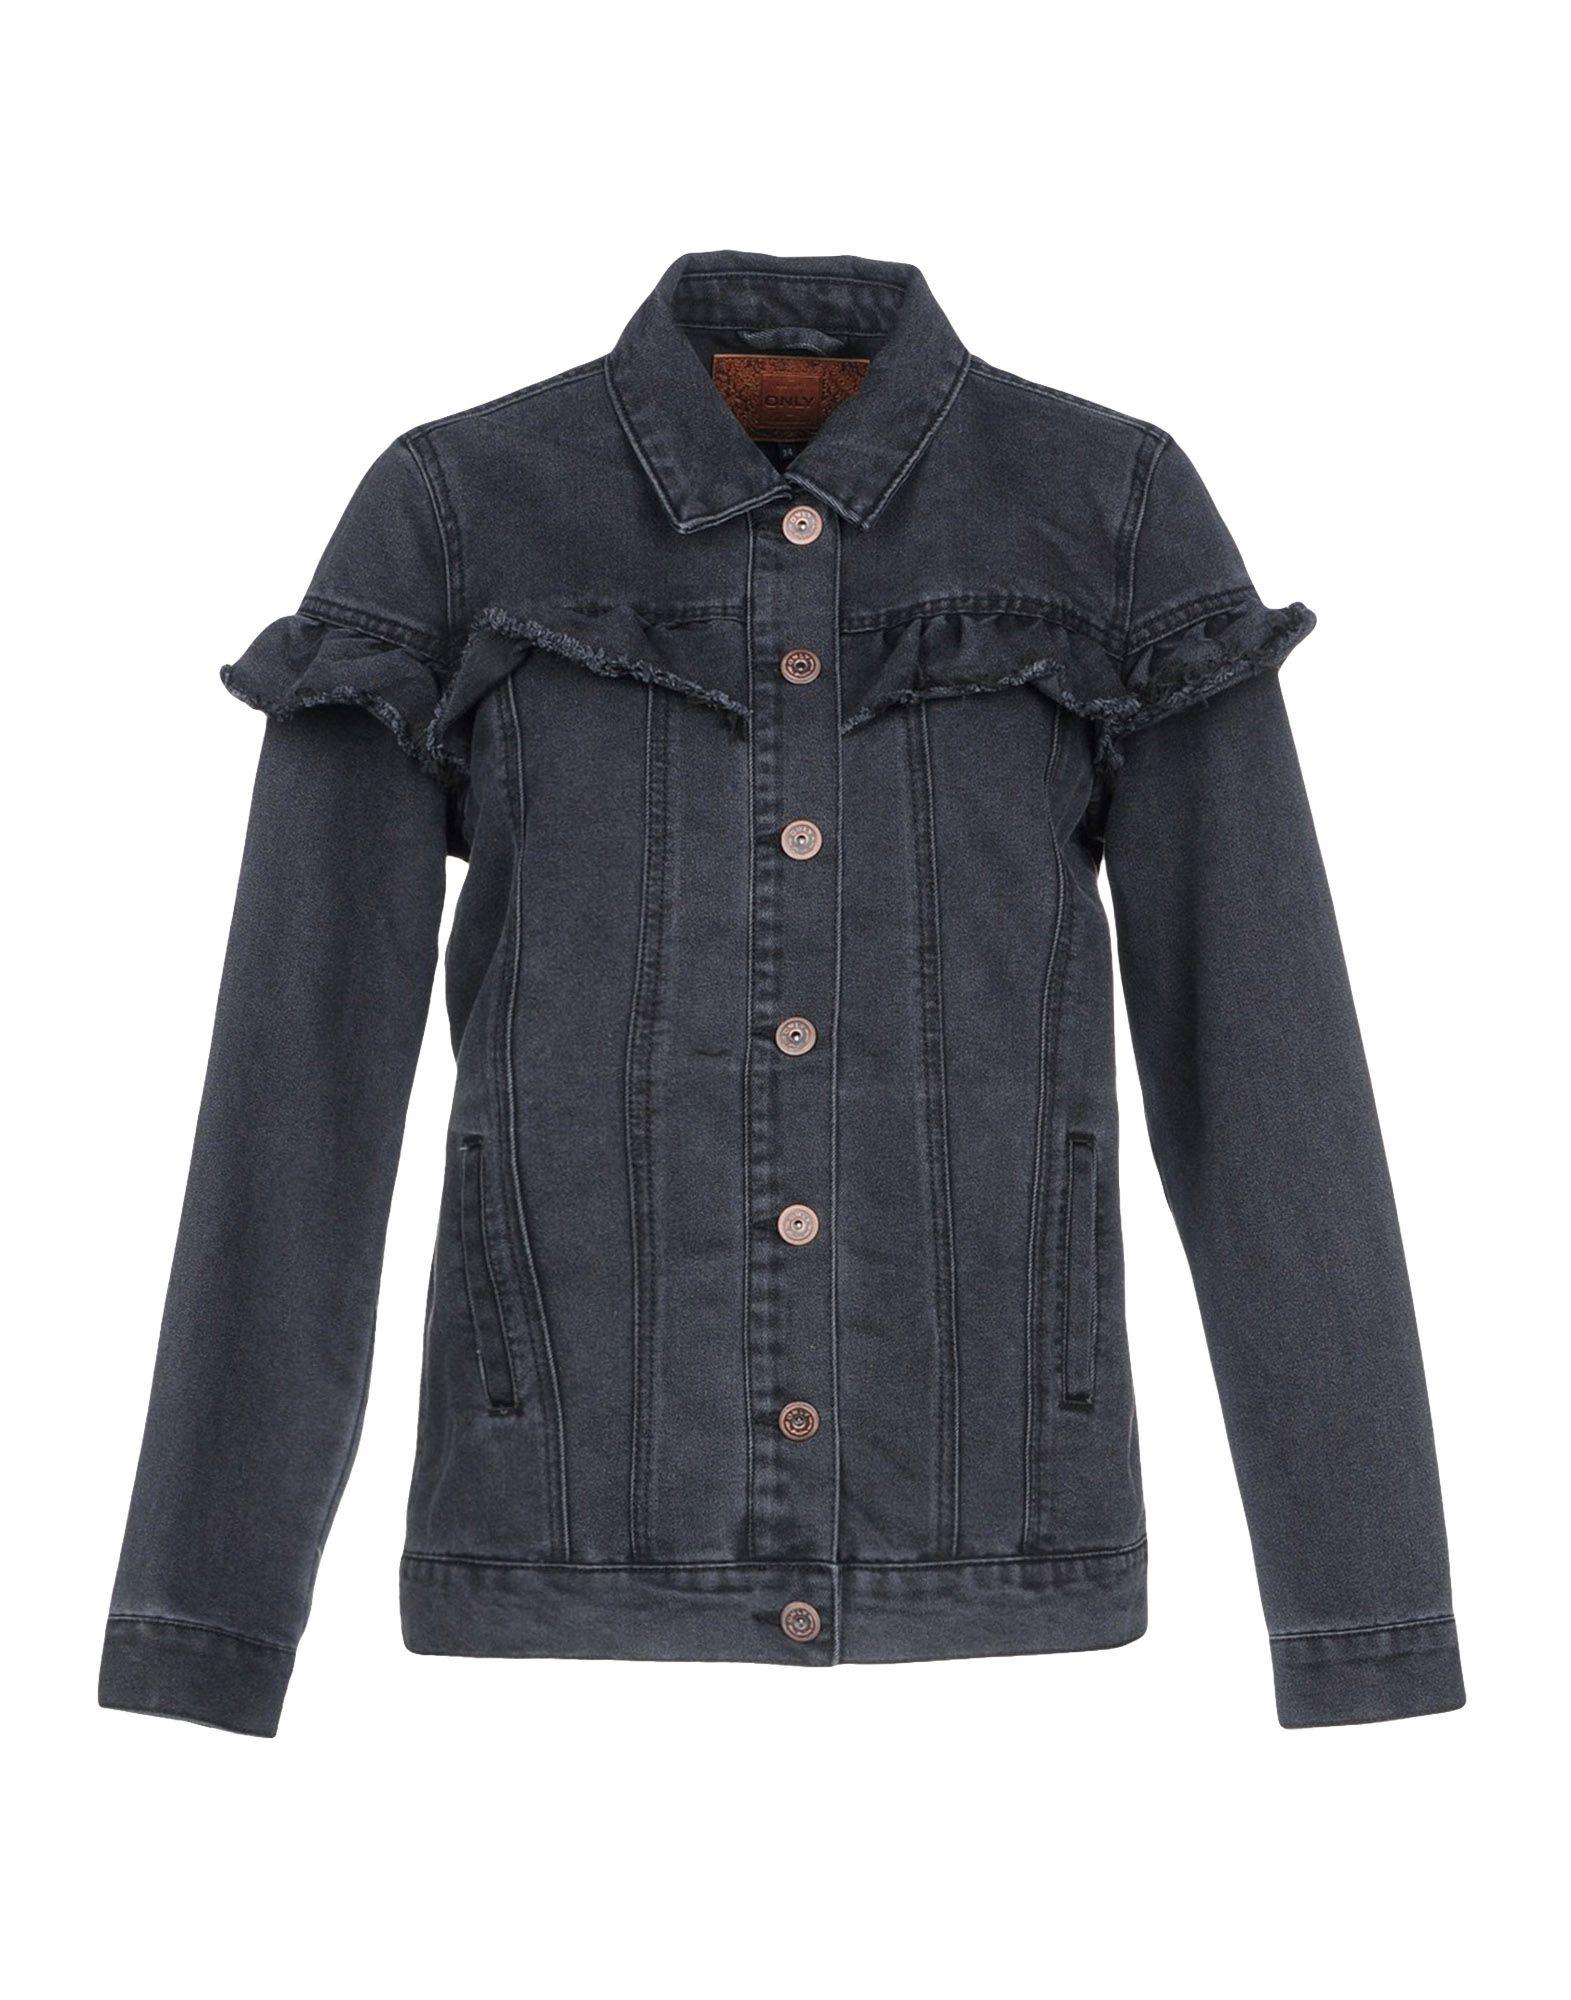 ONLY Джинсовая верхняя одежда брендовая одежда